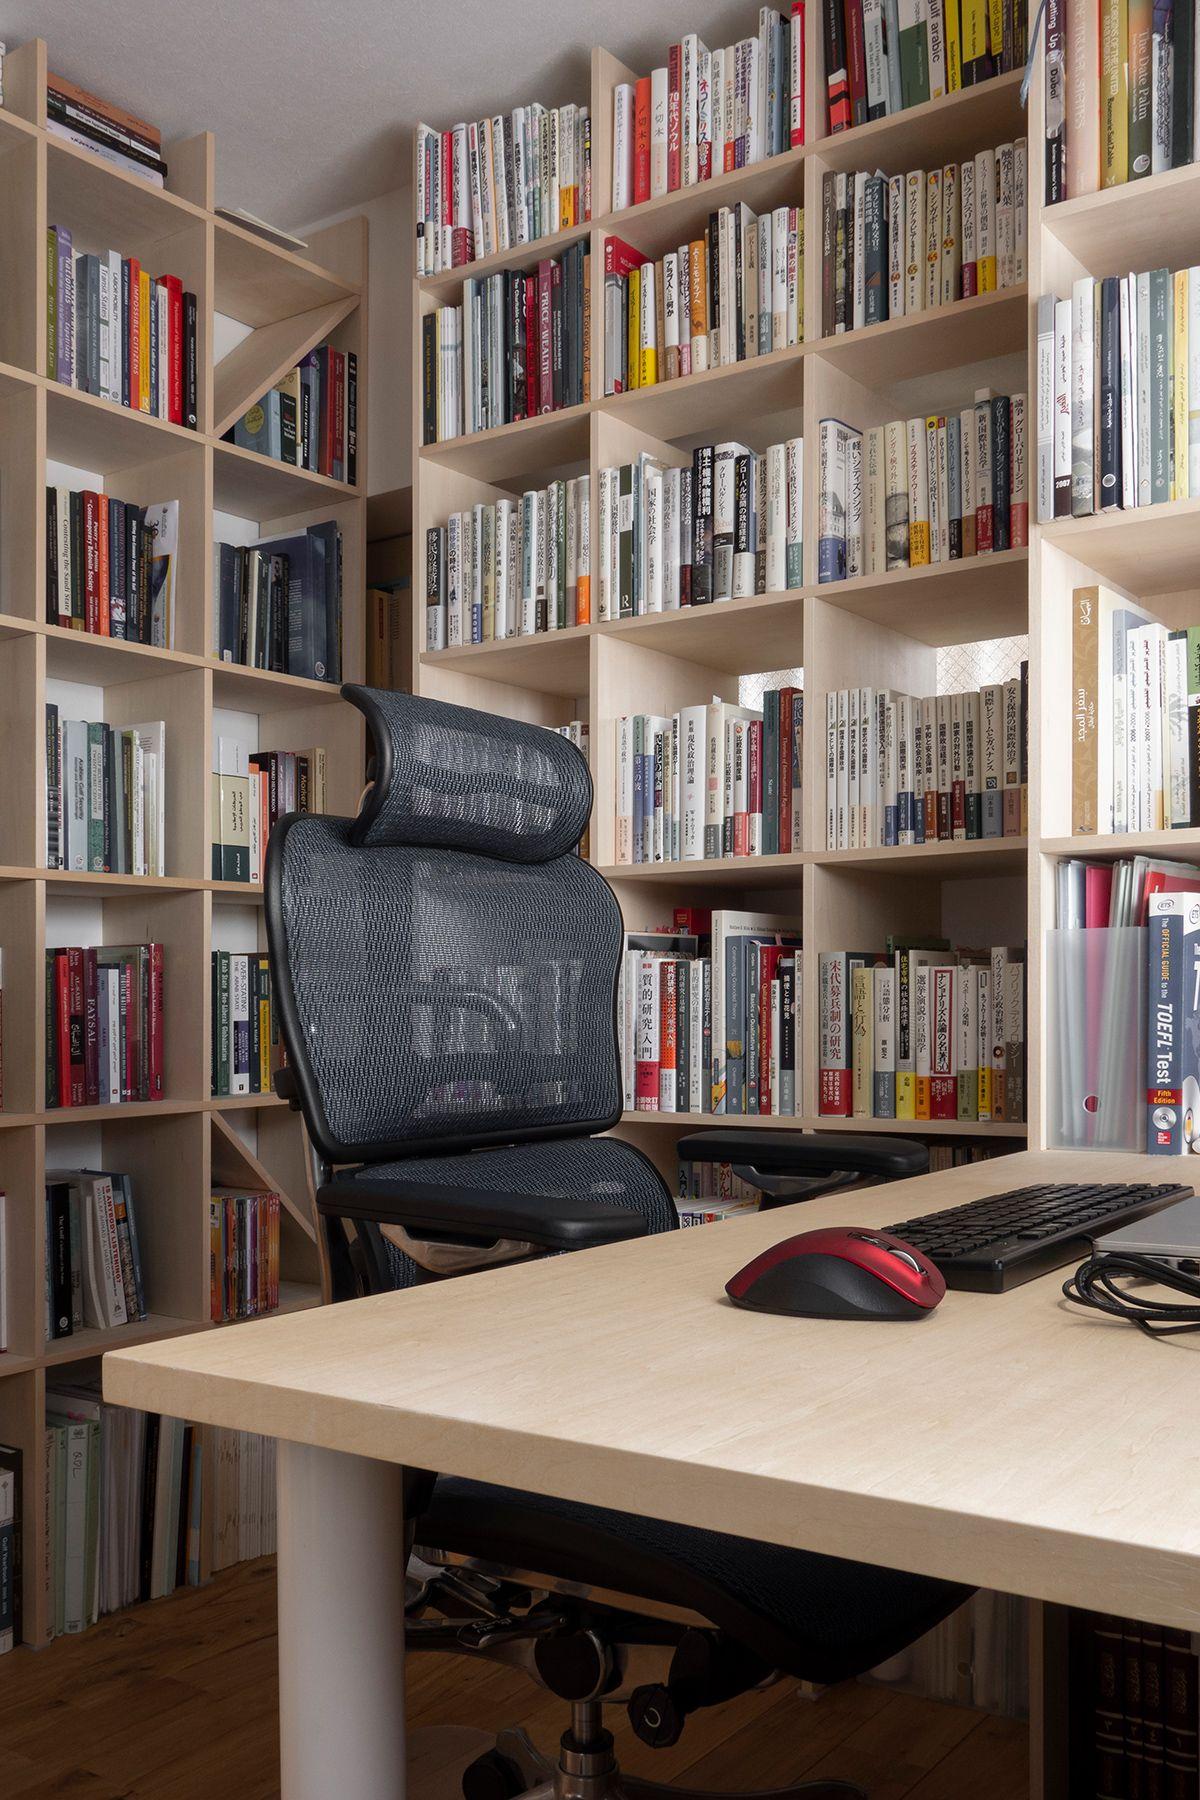 壁3面が本棚の書斎 デスク付き本棚 Shelf No 10 マルゲリータ使用例 本棚 インテリア 家具 書斎 デスク